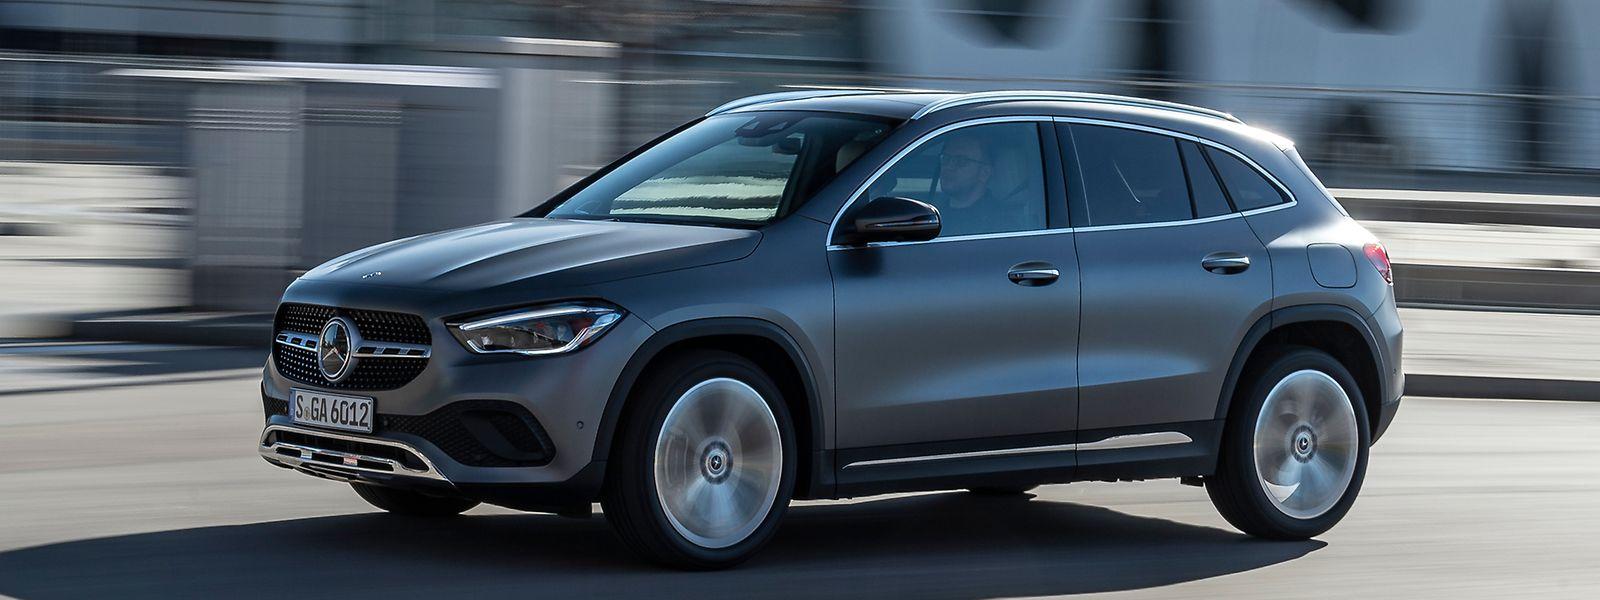 In der Kompaktklassefamilie positioniert Mercedes-Benz den neuen GLA als sportlichen Bruder des GLB und Lifestyle-orientierten SUV.